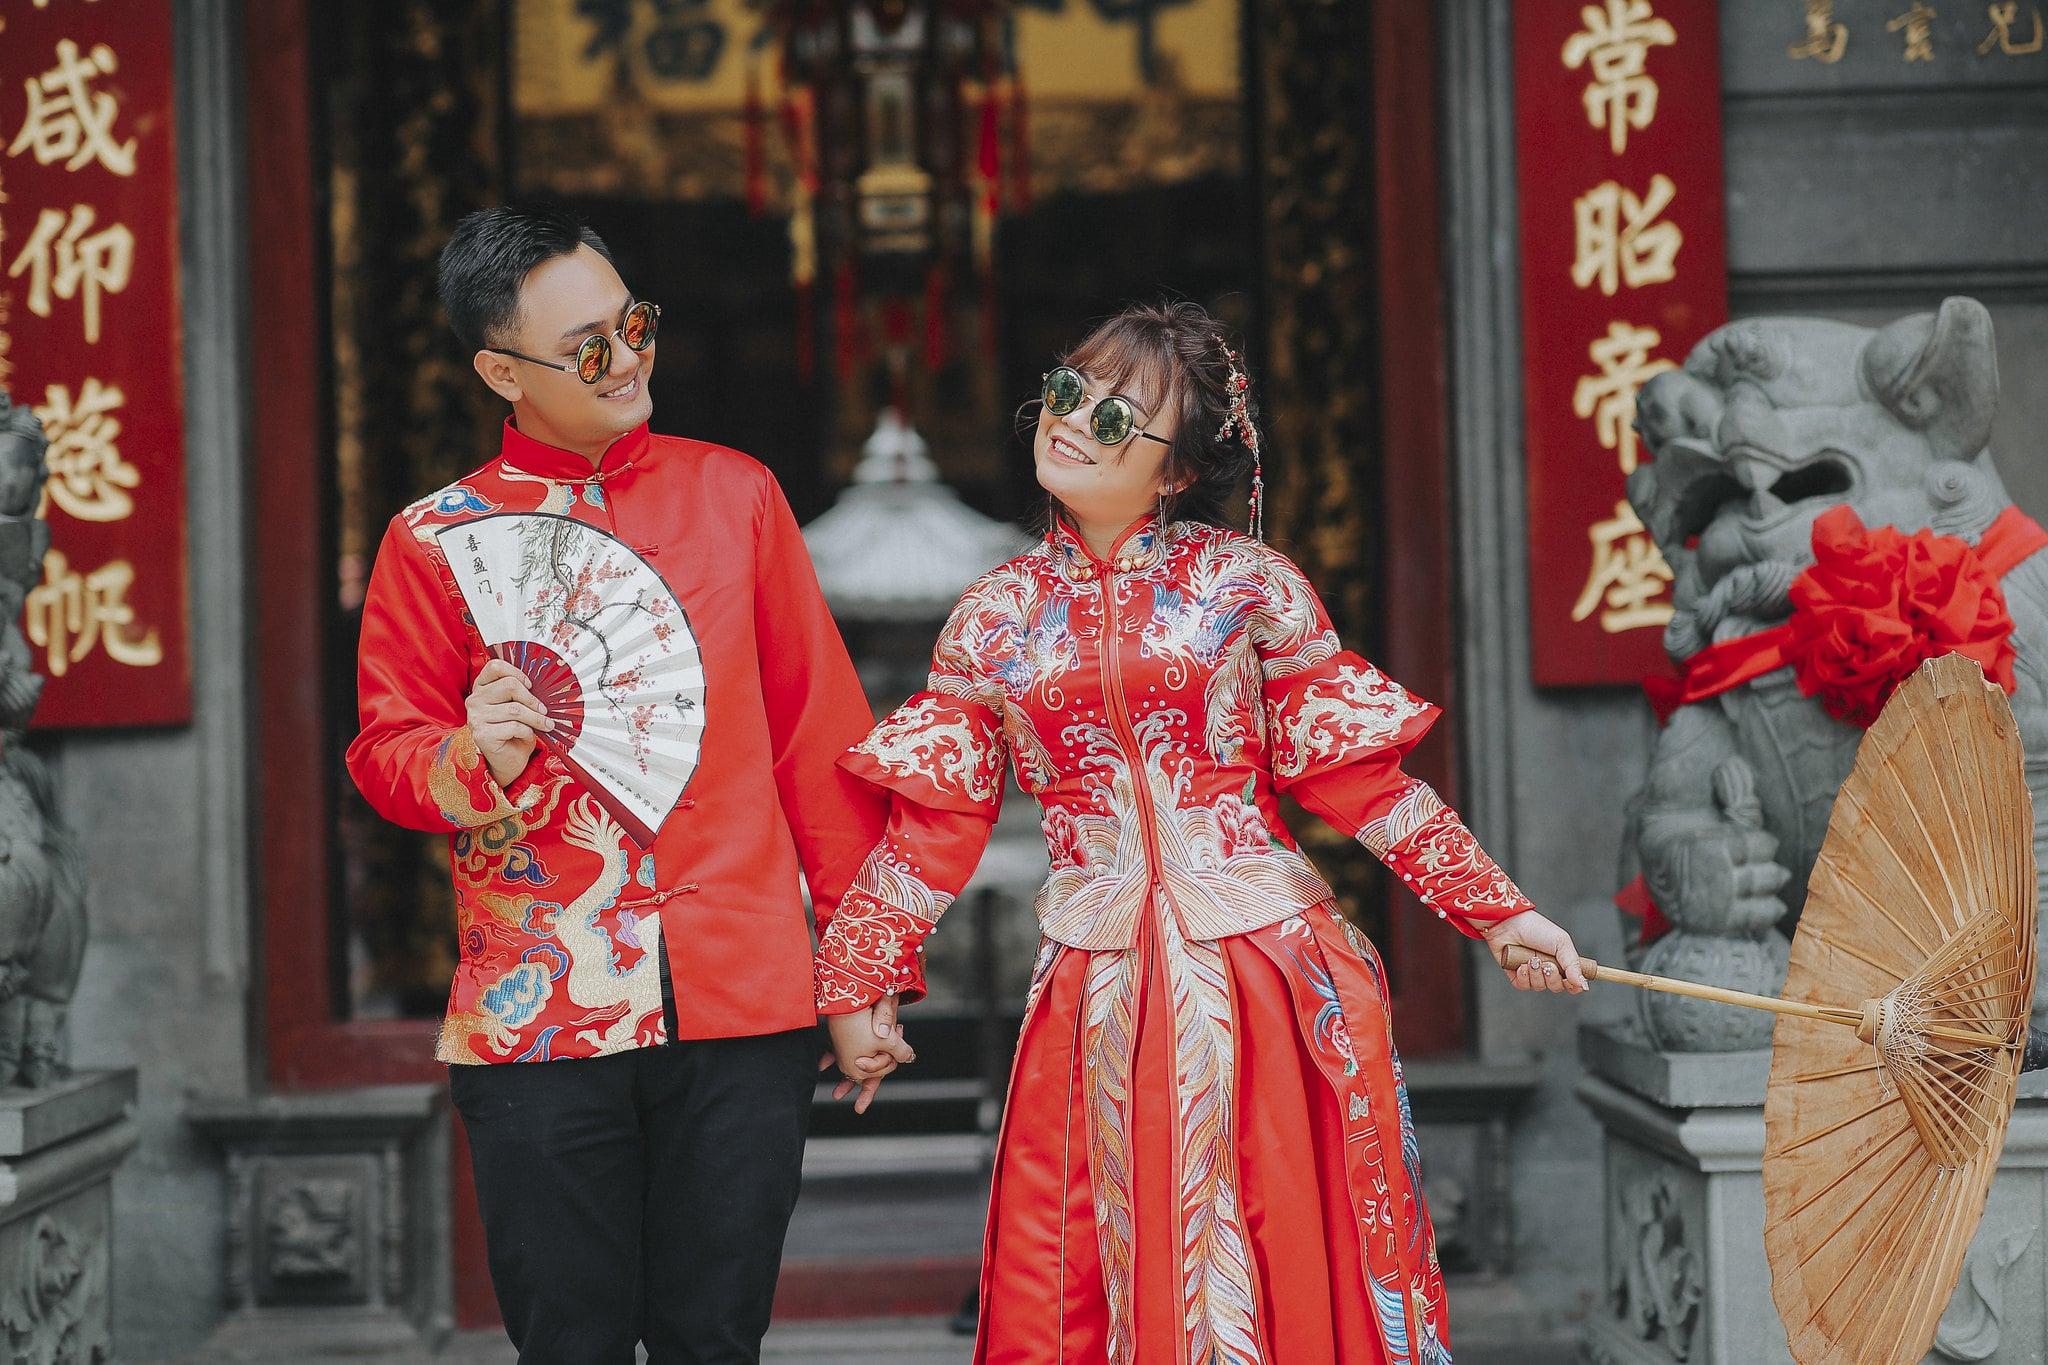 couple co trang 5 - Bộ ảnh couple cổ trang chụp tại chùa bà thiên hậu- HThao Studio